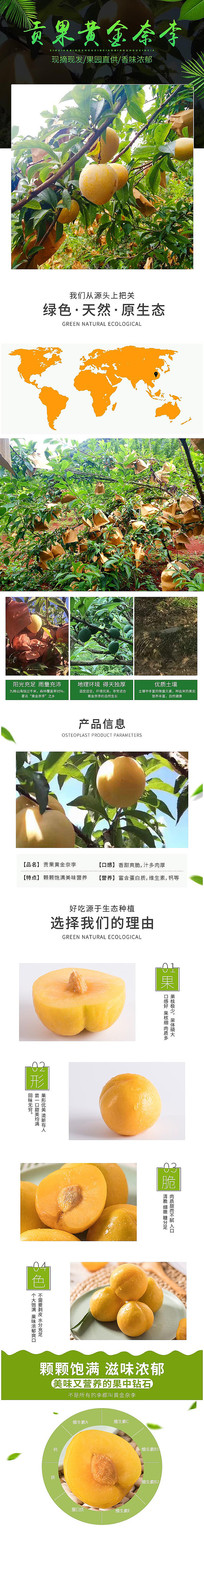 奈李水果详情页设计